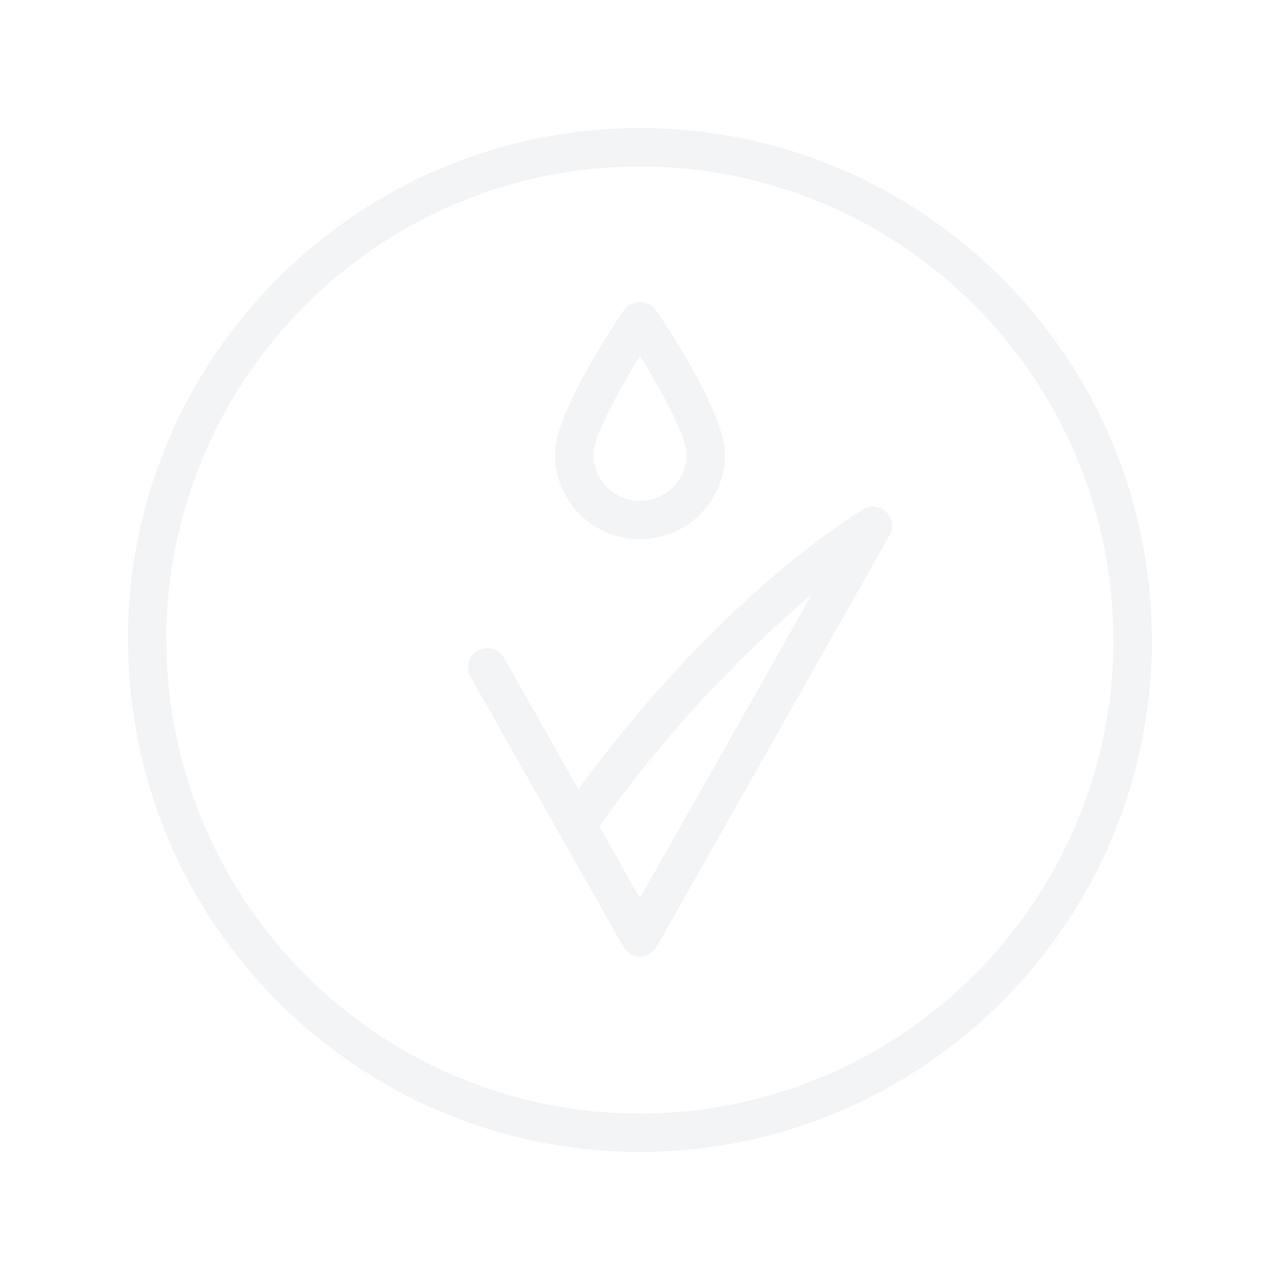 GOSH Smokey Eyes Palette 8g